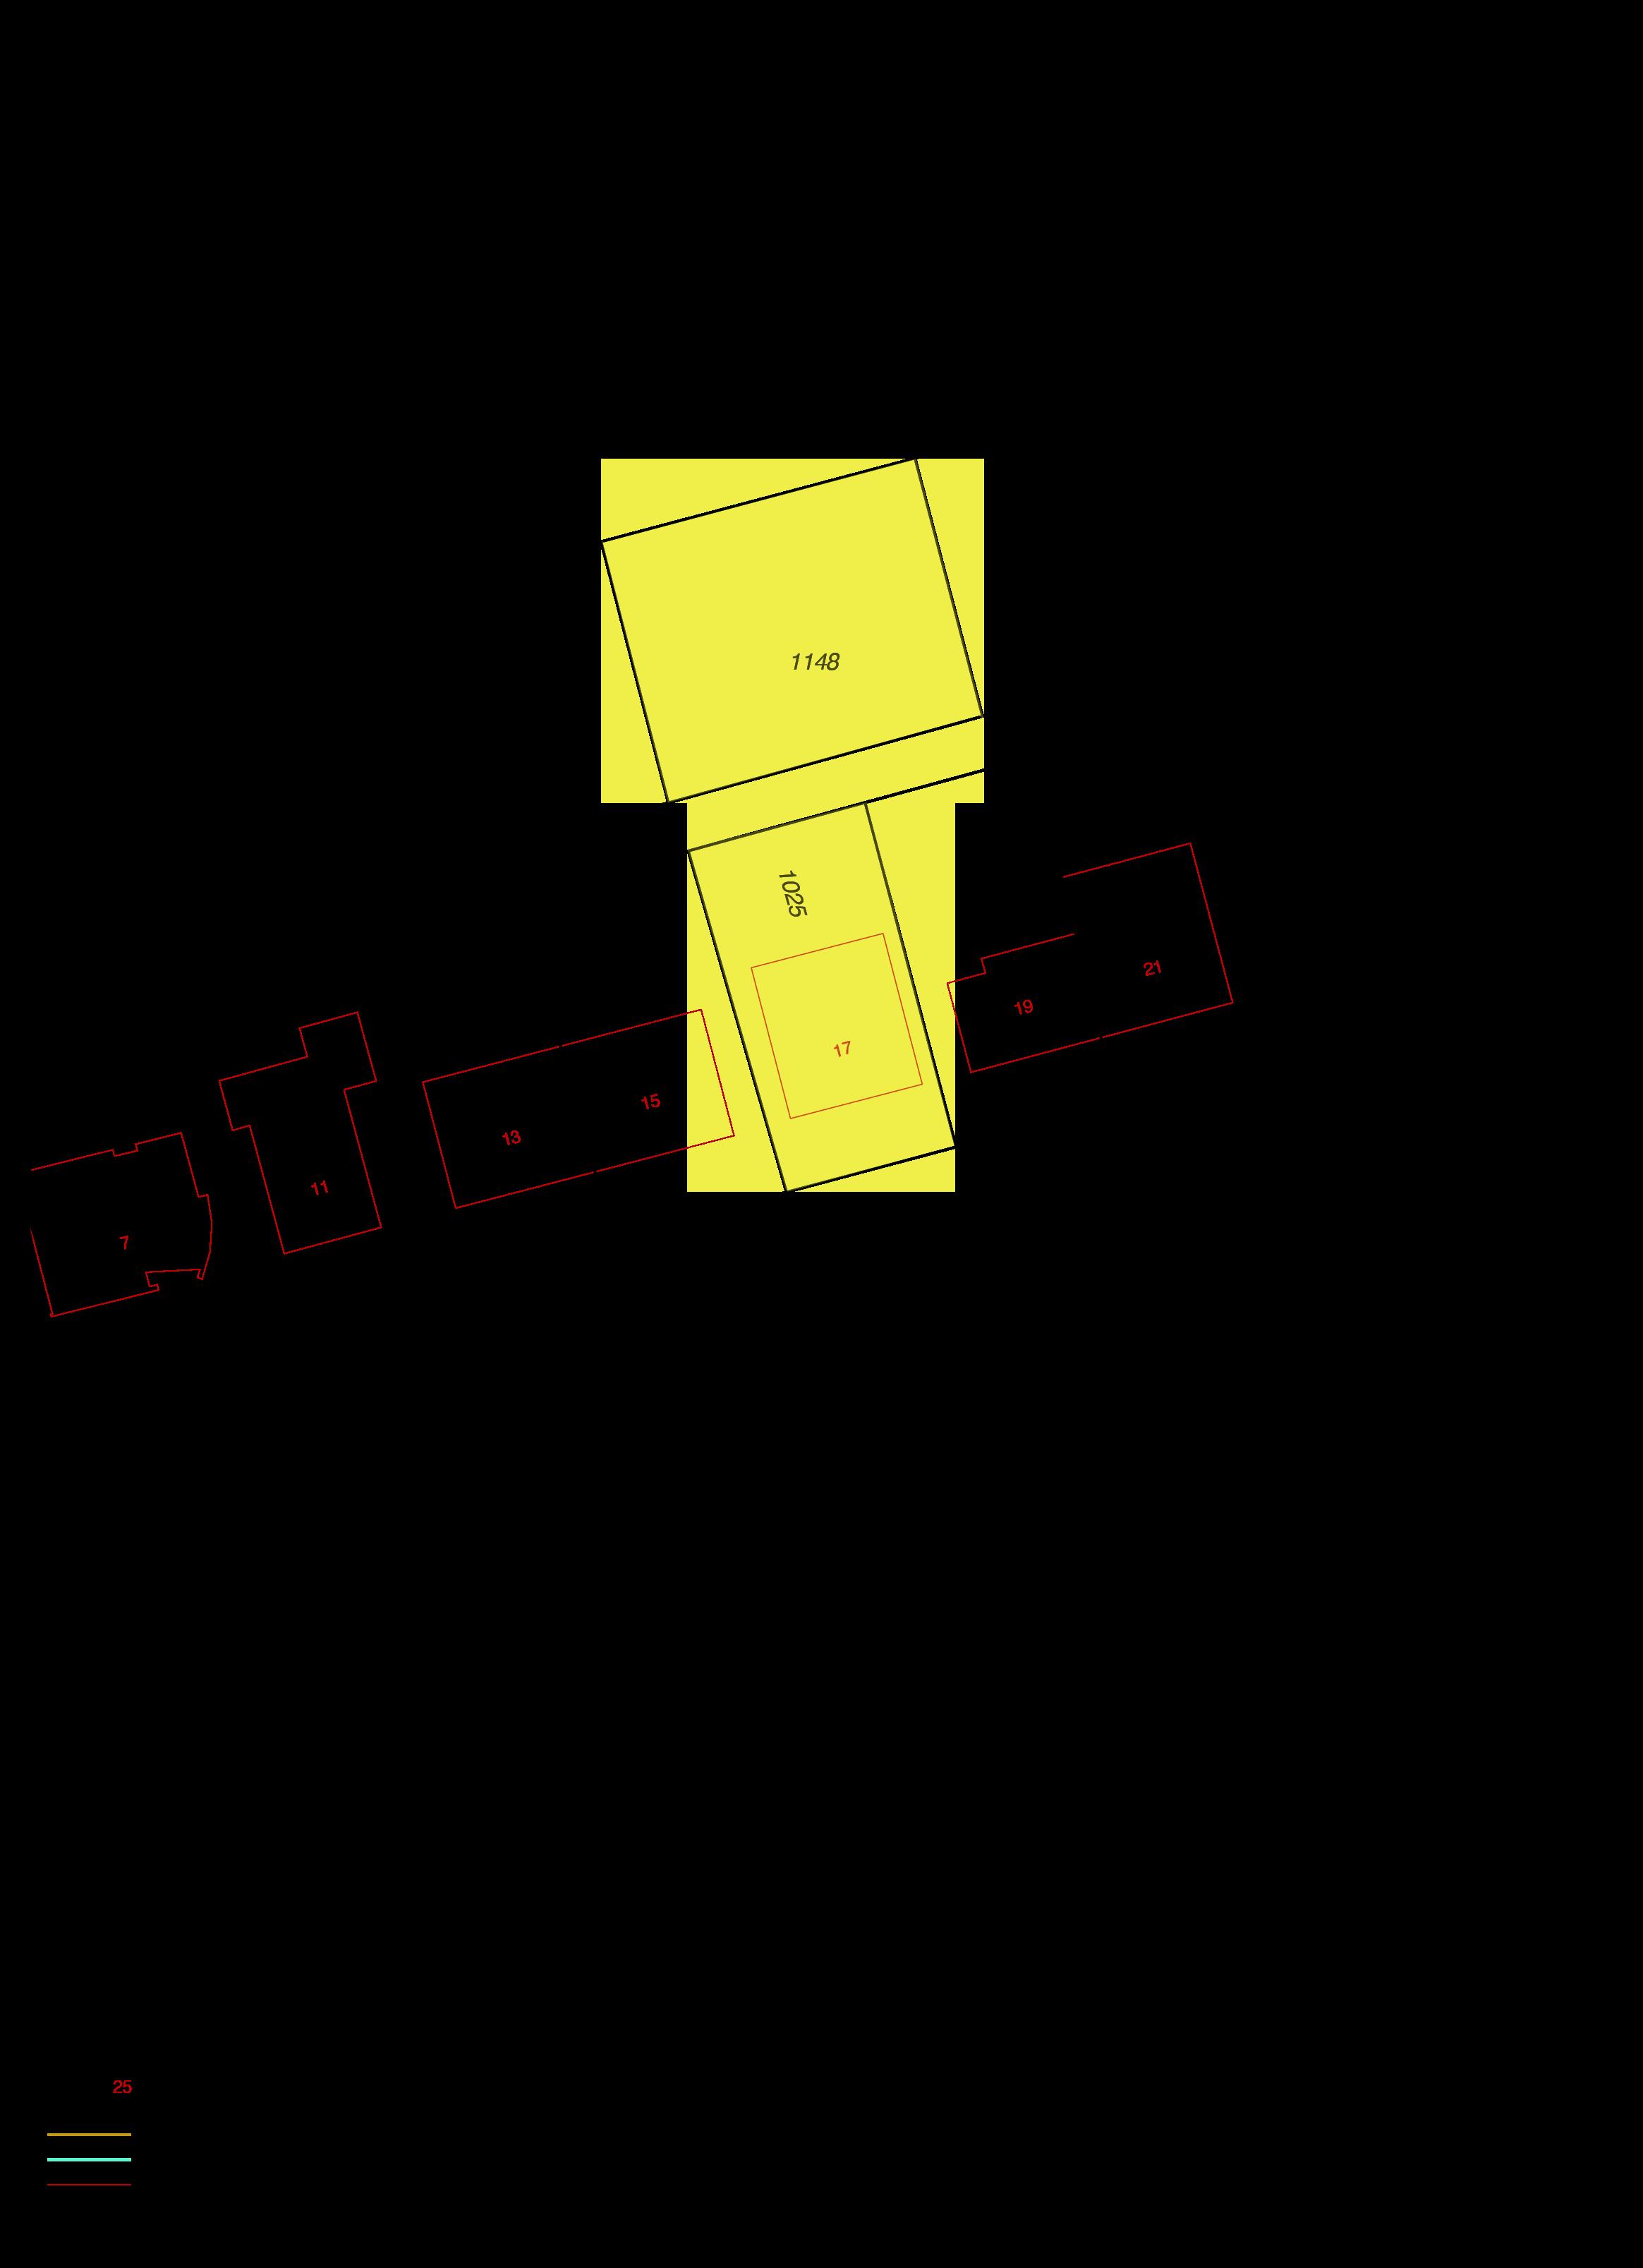 kadastrale kaart molenpad 17 borssele ism makelaars